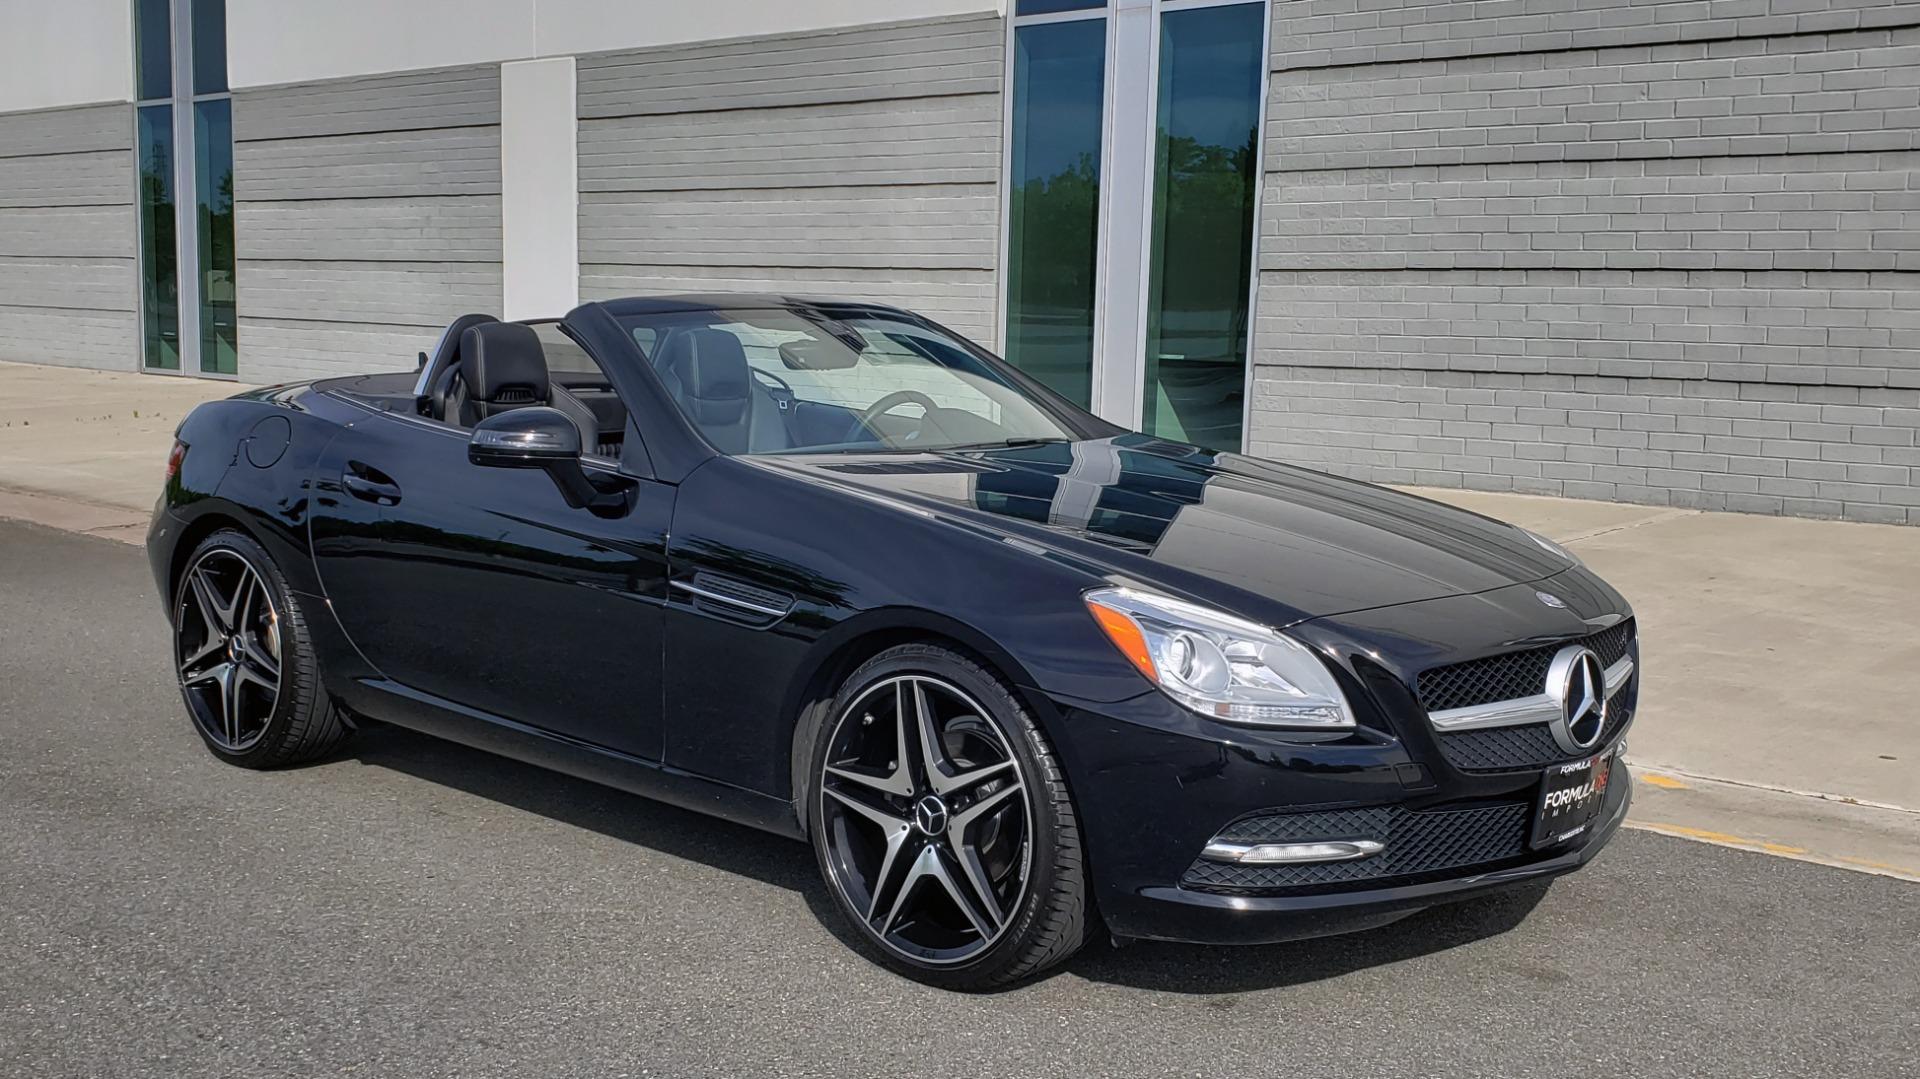 Used 2012 Mercedes-Benz SLK-CLASS SLK 250 ROADSTER / PREM 1 PKG / COMAND LAUNCH PKG / 7-SPD AUTO for sale $24,995 at Formula Imports in Charlotte NC 28227 6